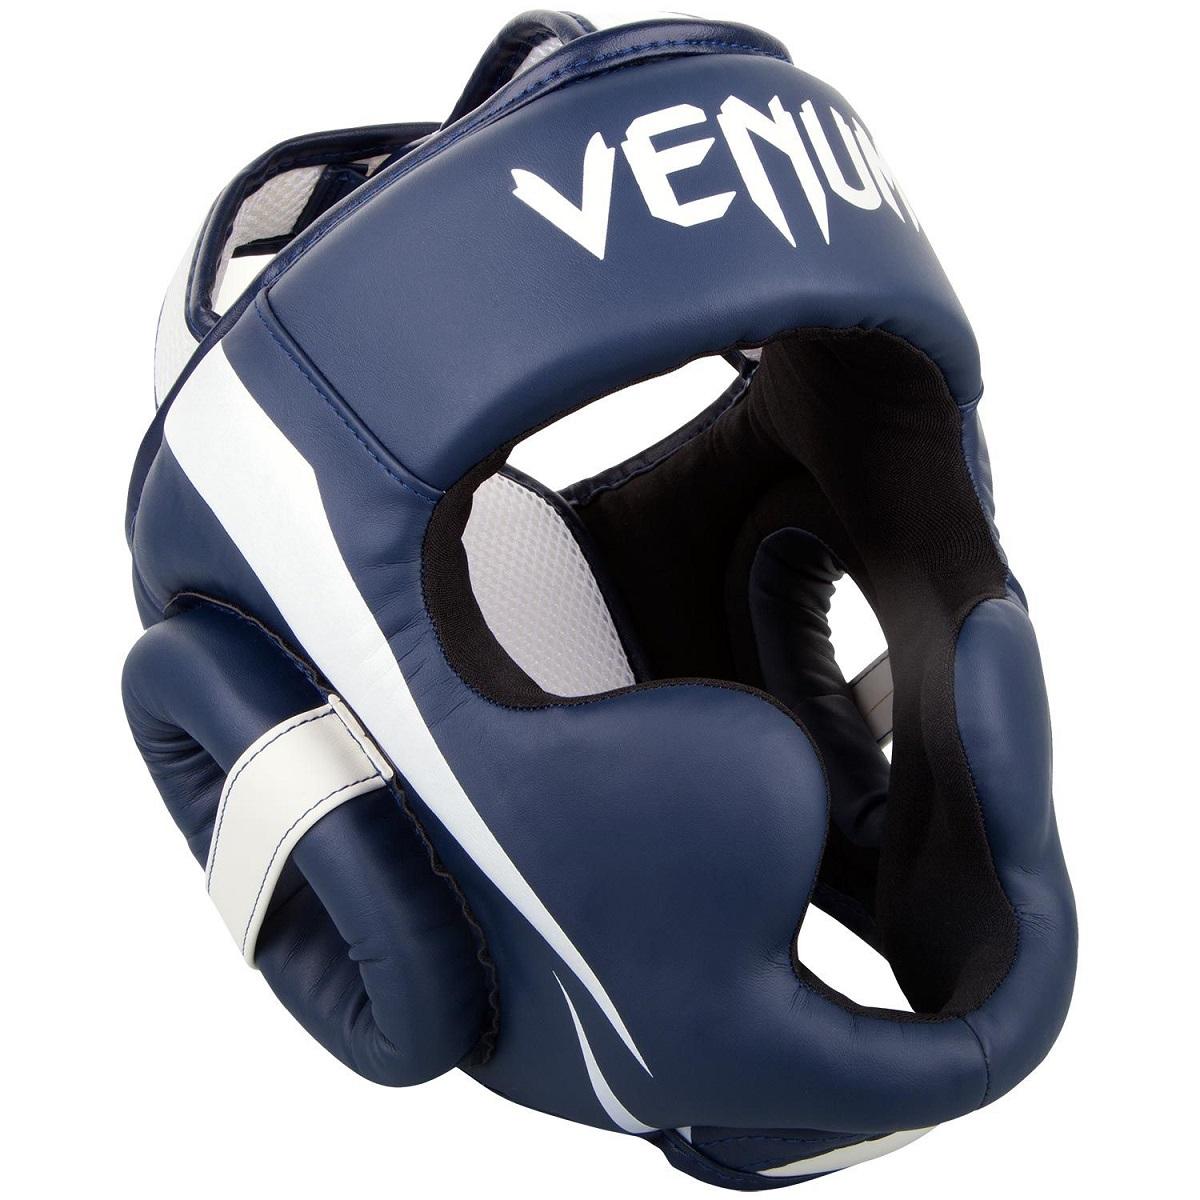 VENUM ヘッドガード Elite Headgear (ホワイト×ネイビーブルー) //ボクシング スパーリング キックボクシング ヘッドギア 格闘技 防具 送料無料